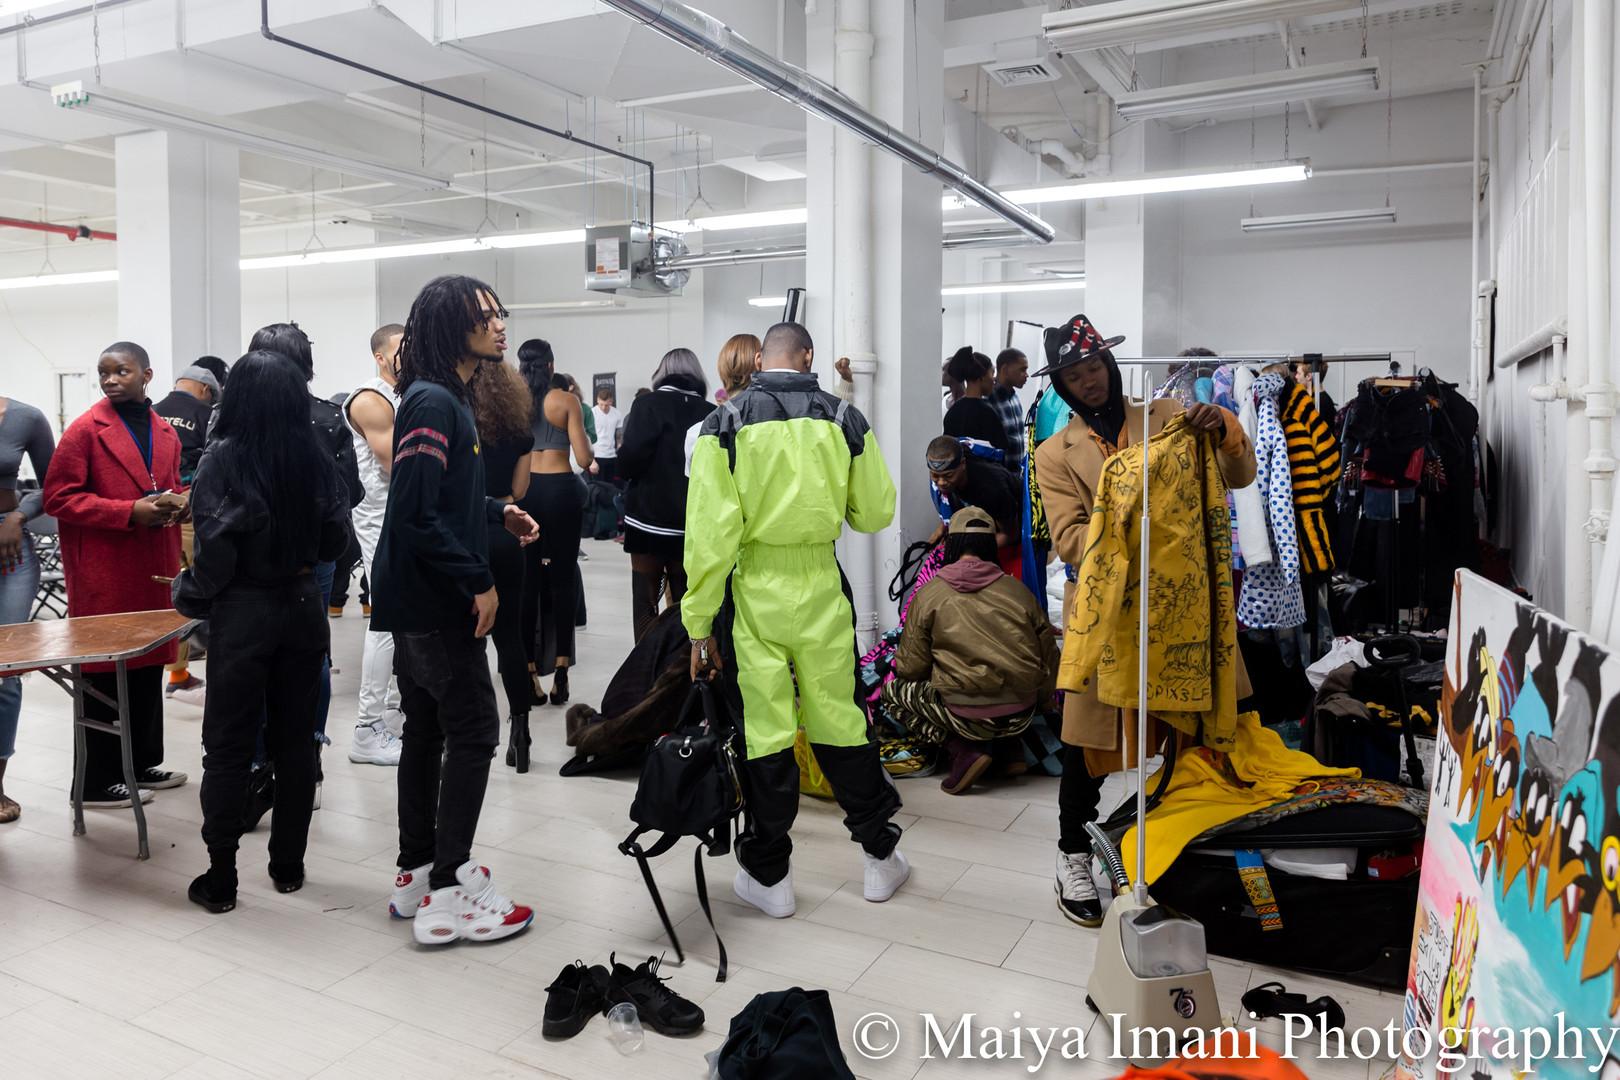 WrightMaiya_Street Fashion Week_20180215